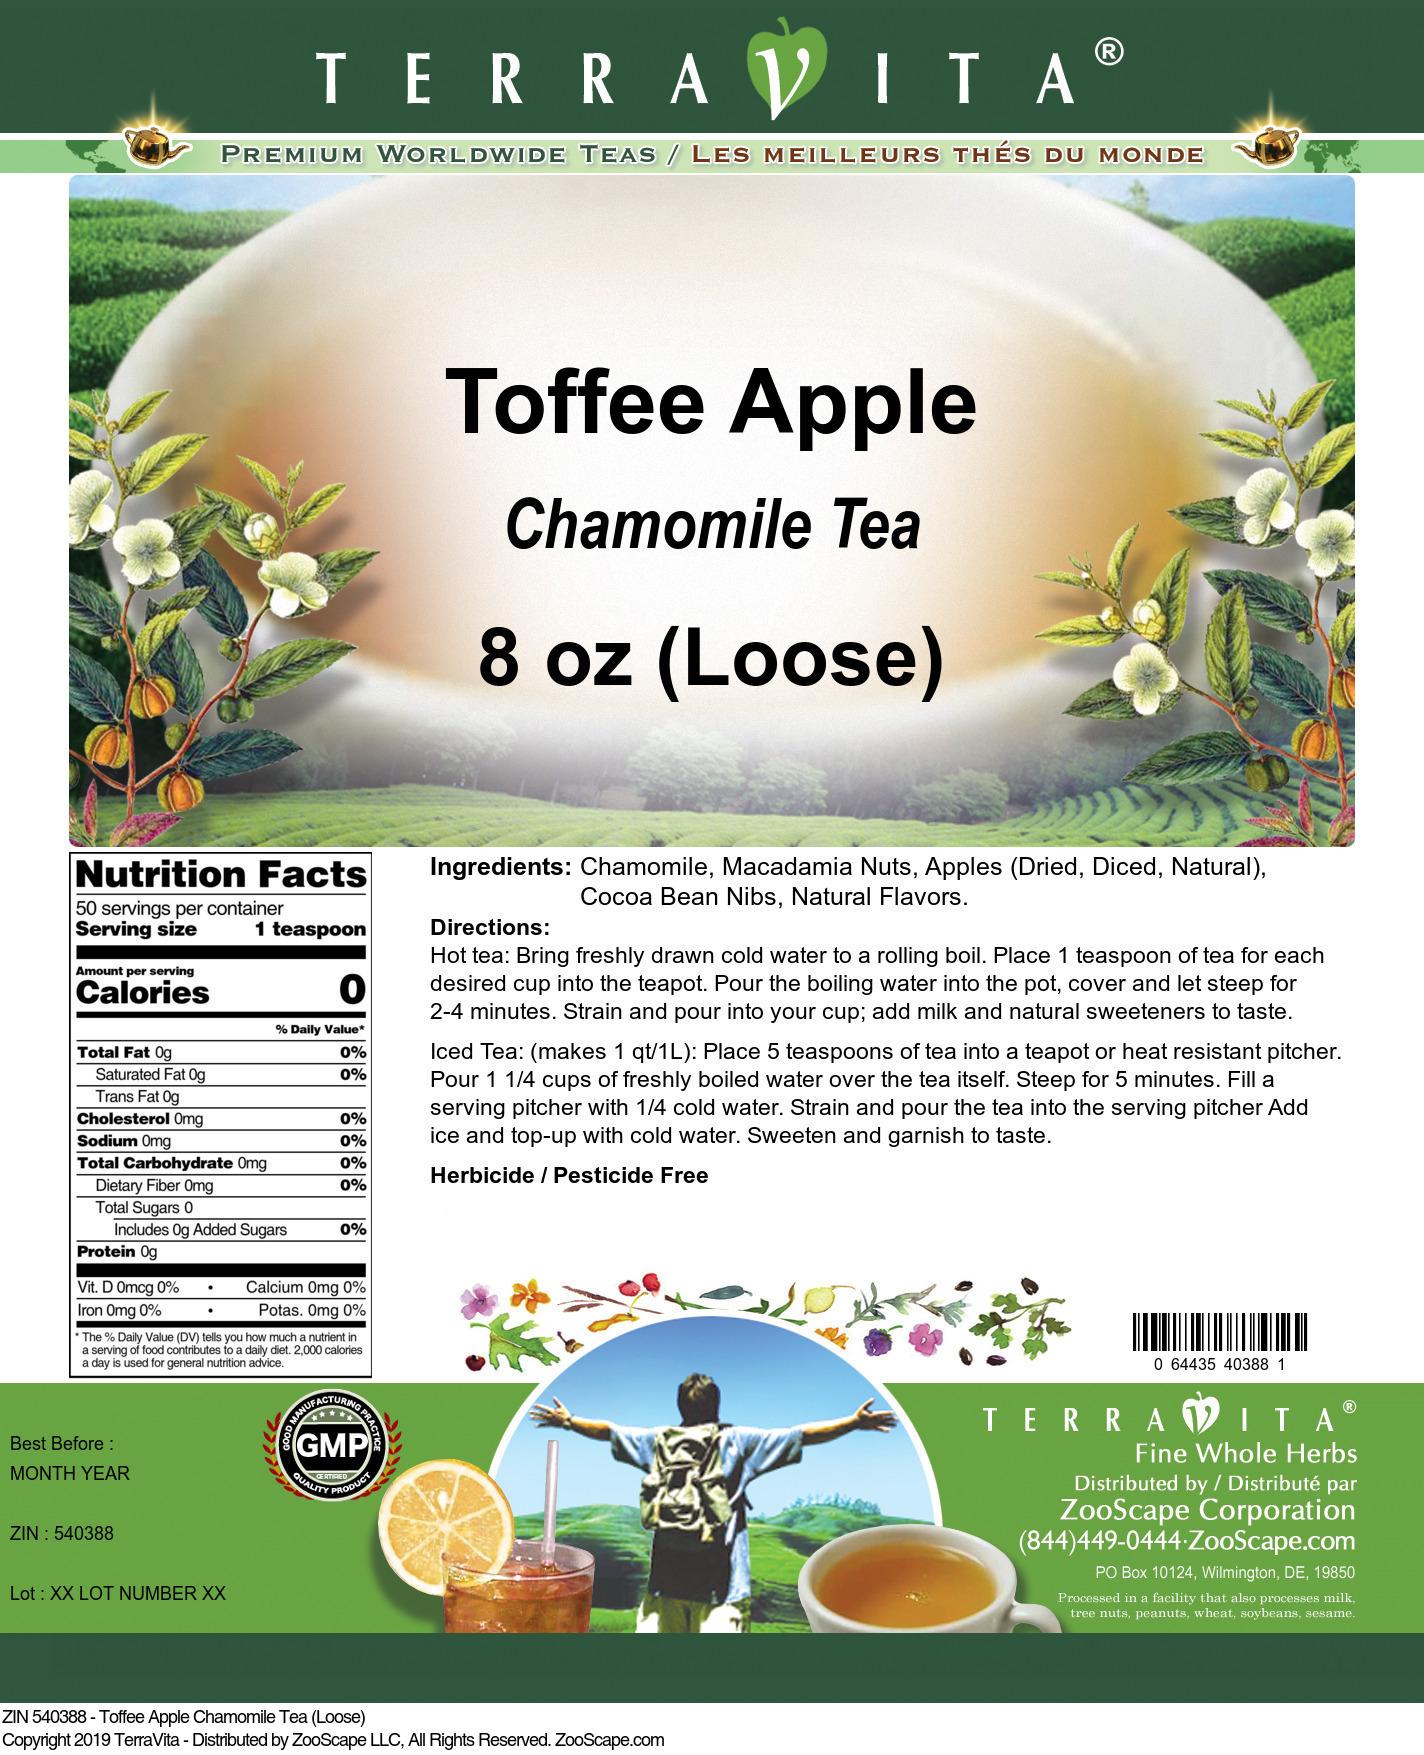 Toffee Apple Chamomile Tea